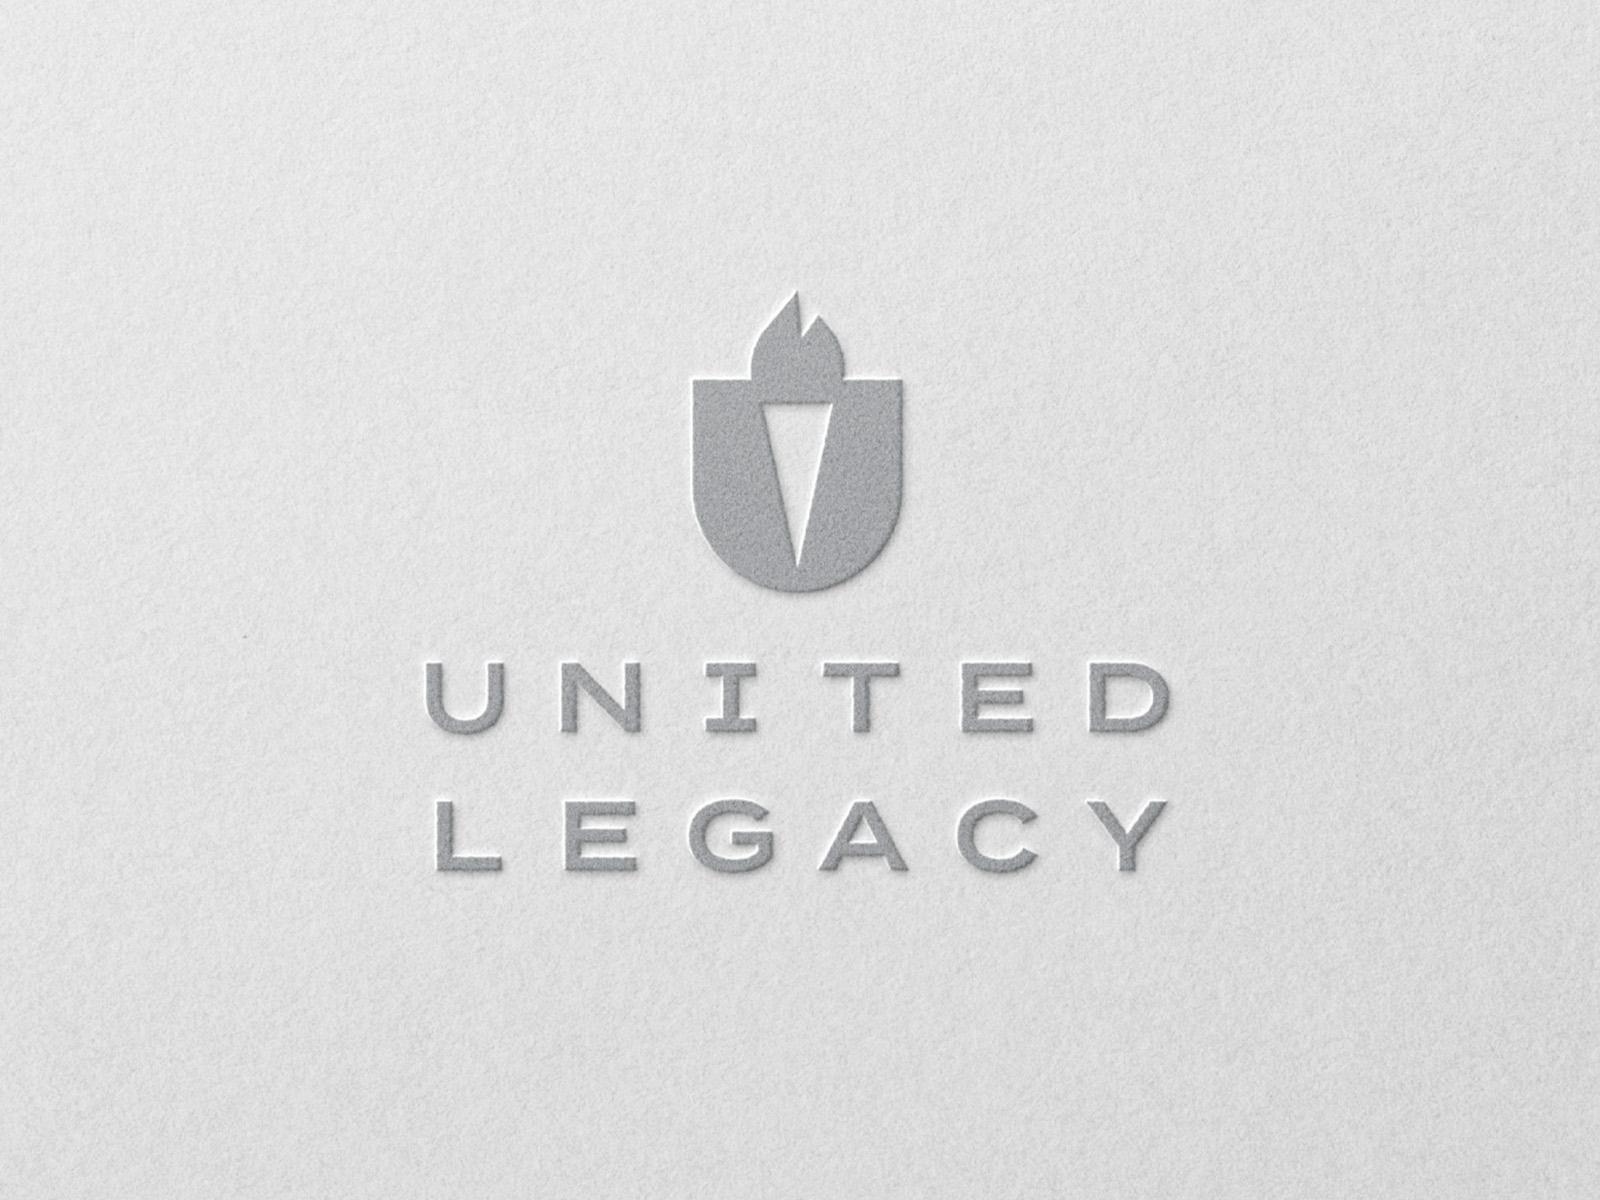 UNITED LEGACY | Unused